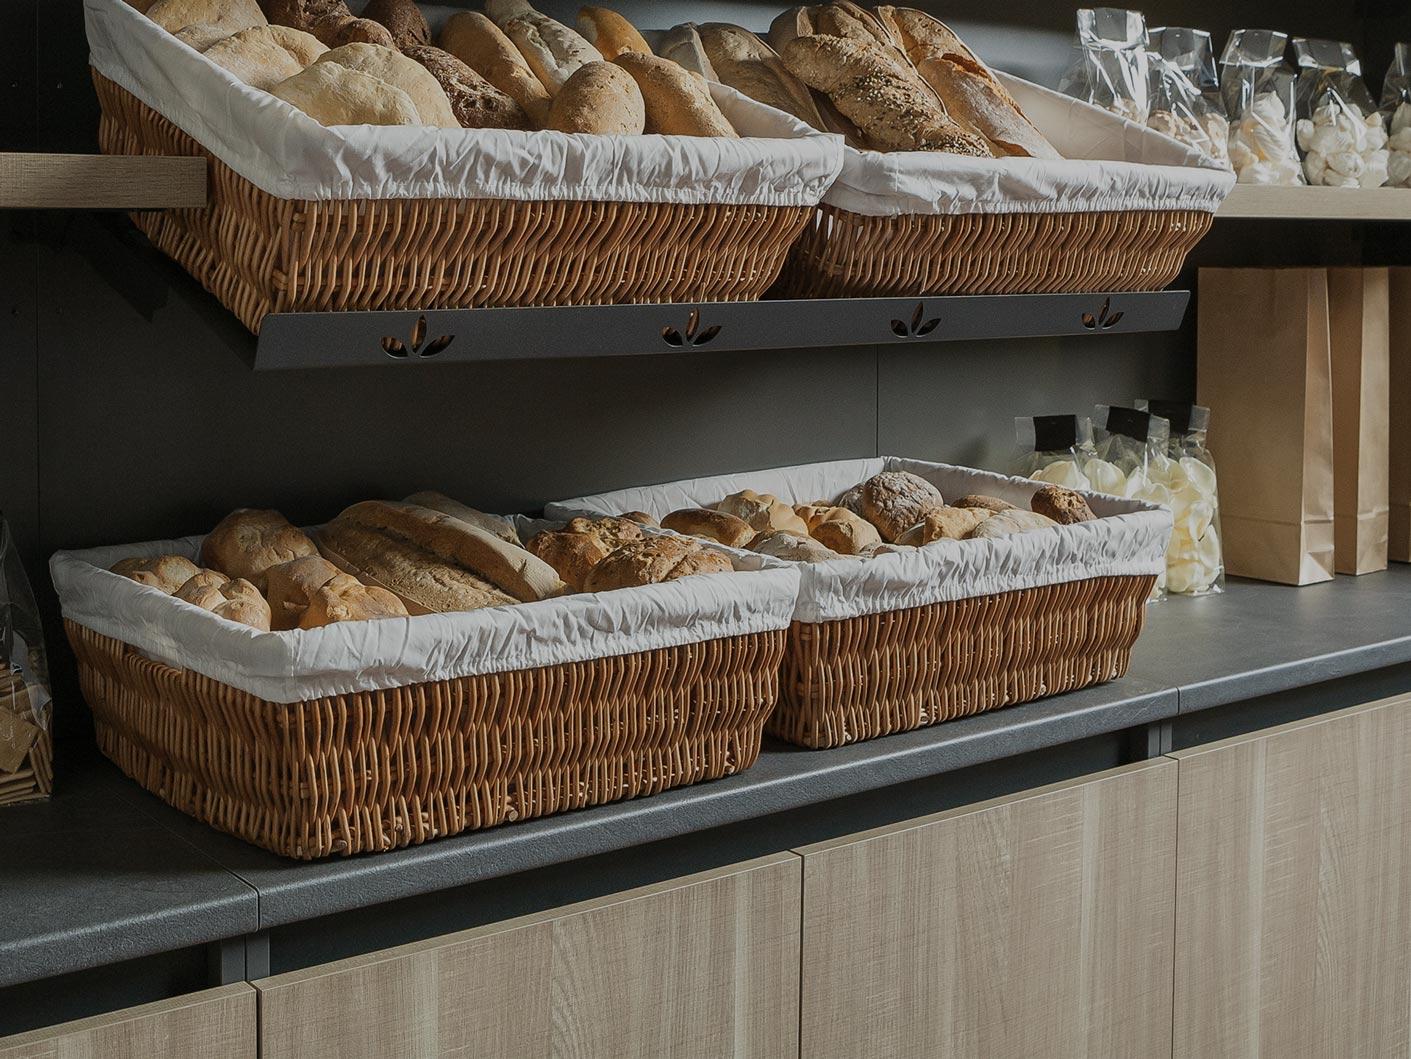 Arredamenti attivit commerciali per panetterie for Arredamenti per locali commerciali